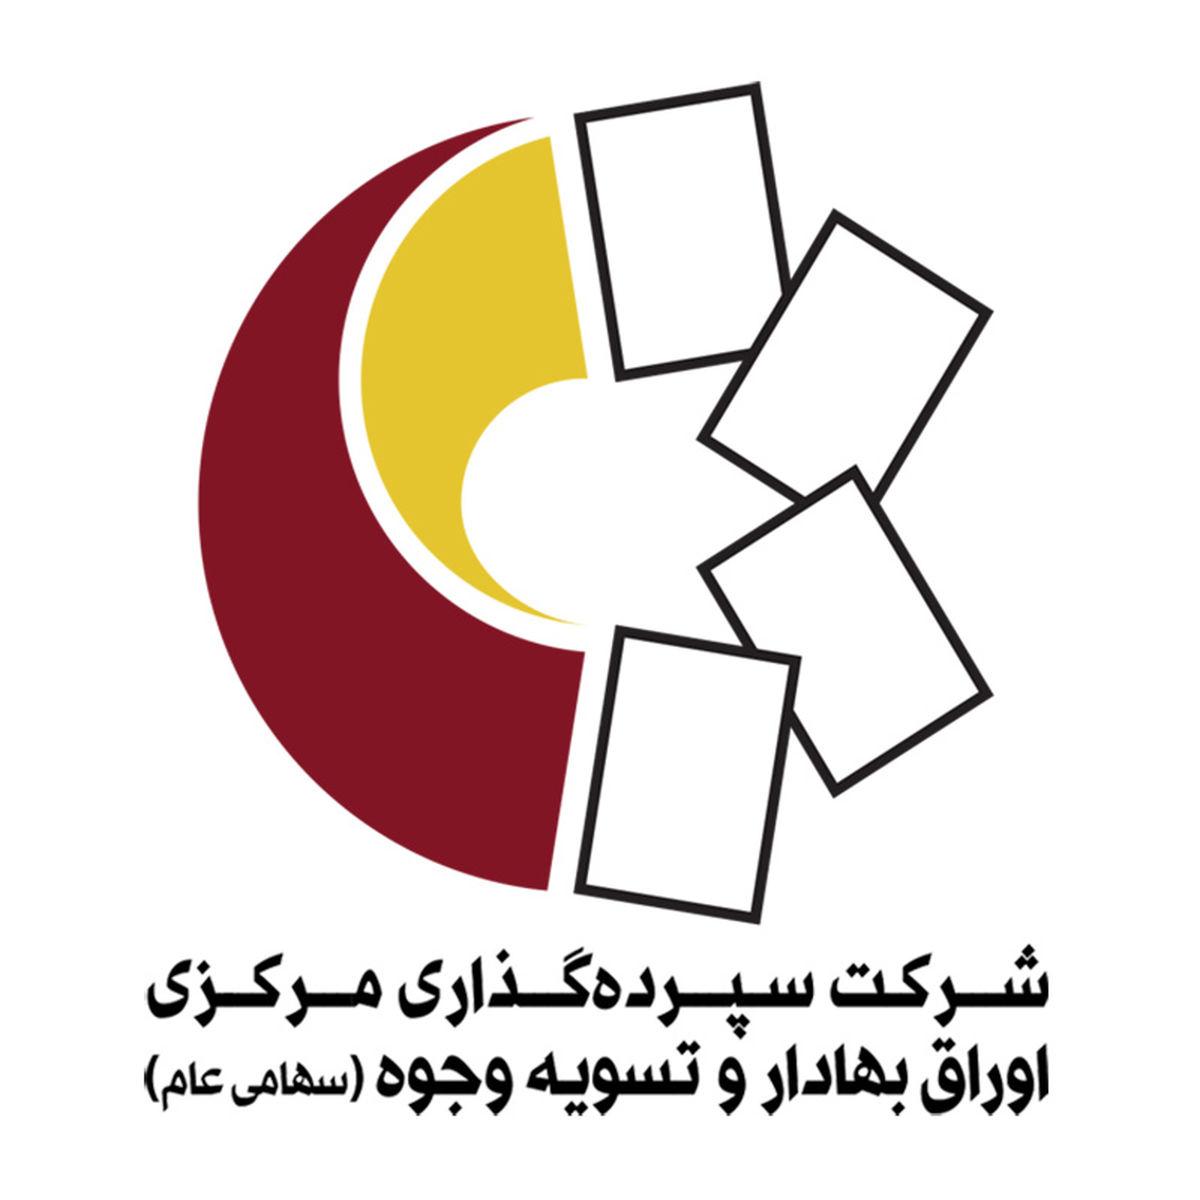 درج ۳ نماد اوارق مرابحه دولت در سامانه پس از معاملات